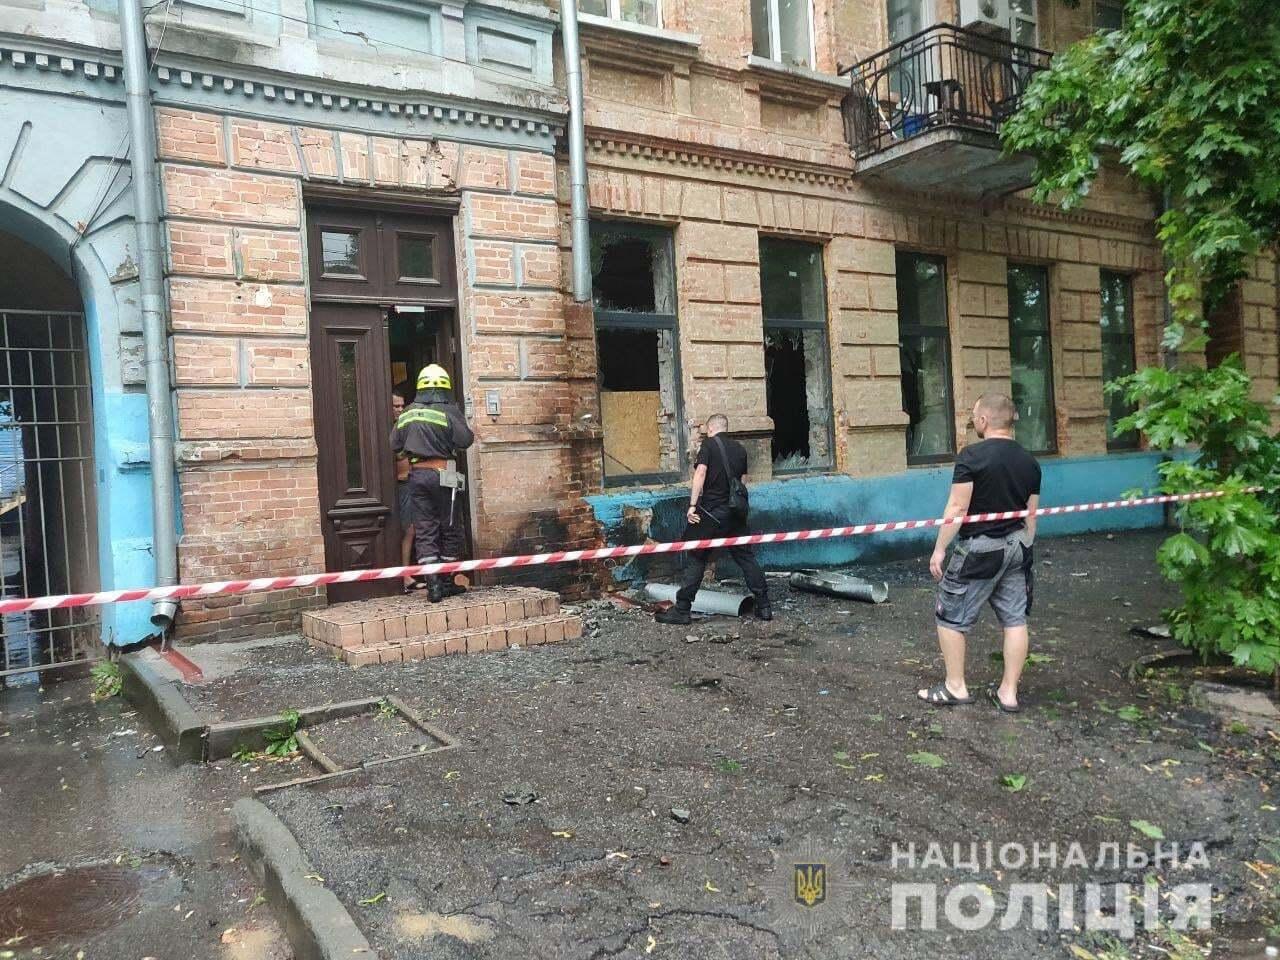 Взрыв на проспекте Дмитрия Яворницкого